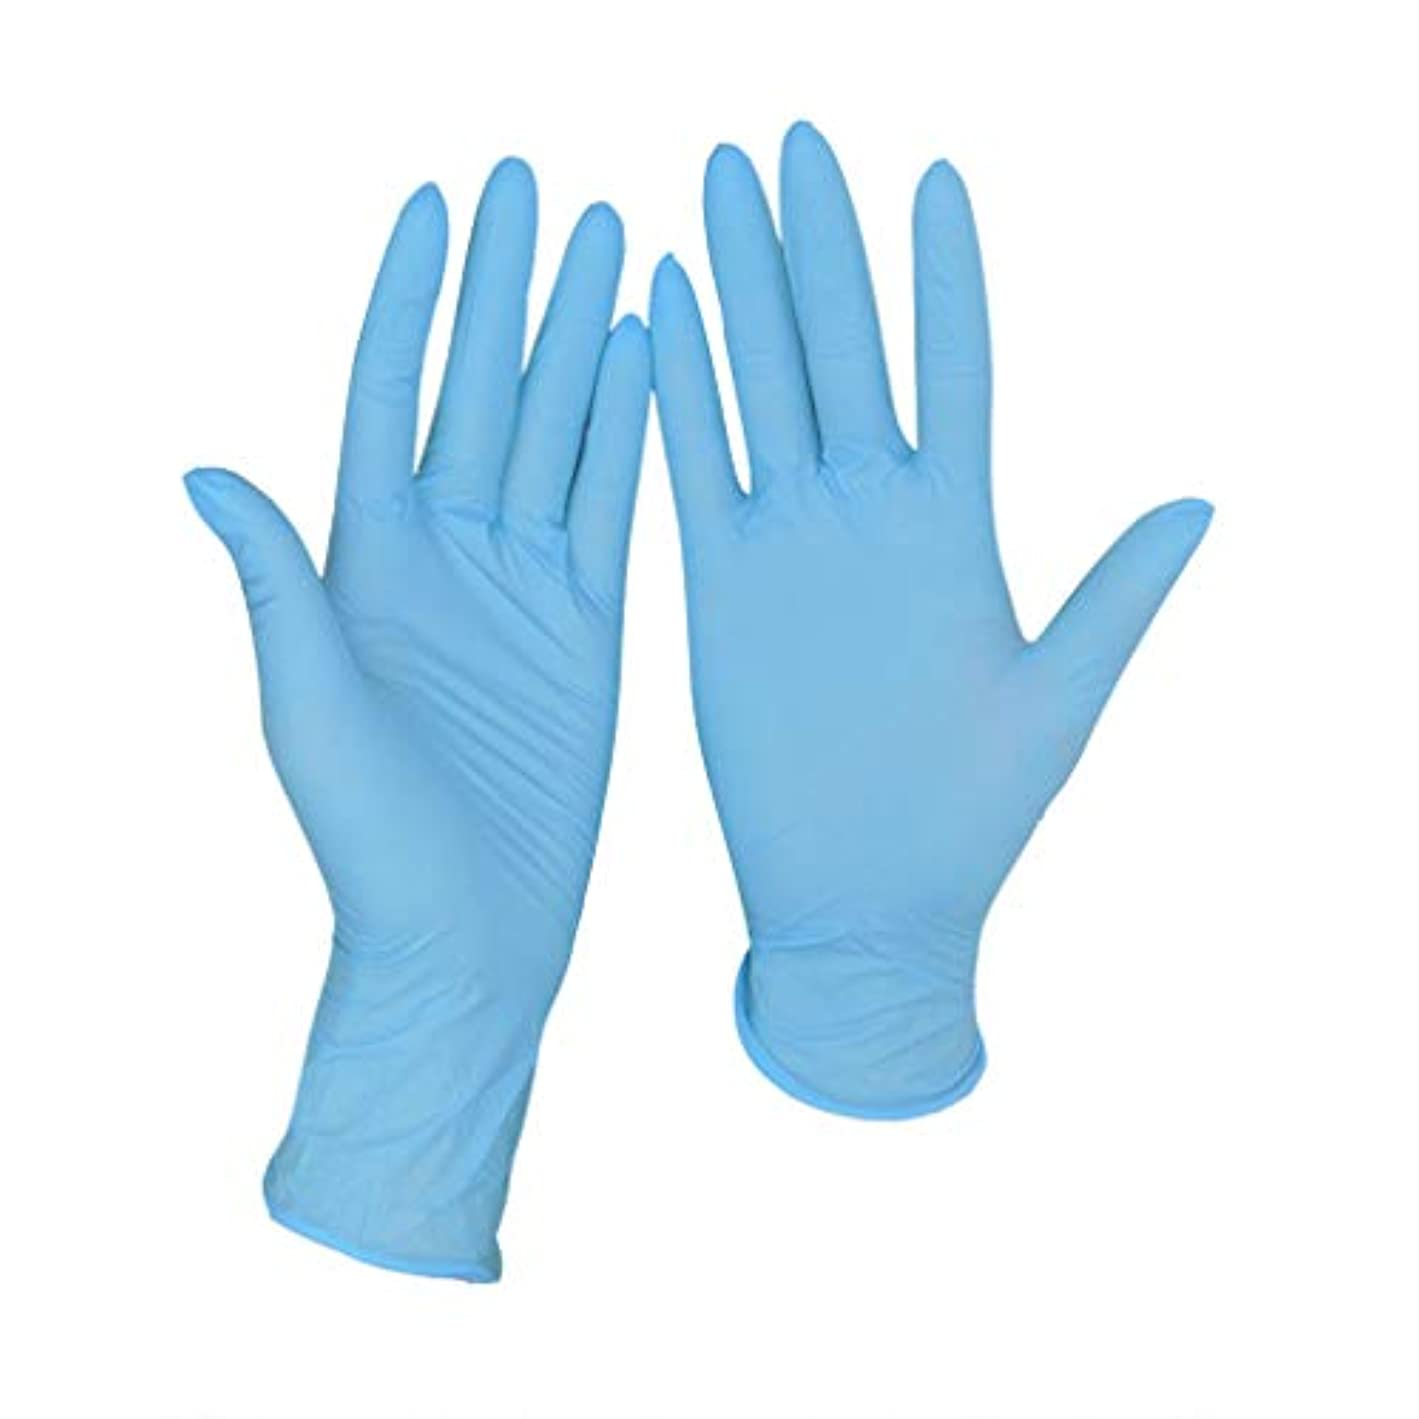 兵器庫完璧な機転使い捨て手袋ゴム家庭医家家家掃除食品研究室パウダーフリー手袋労働保護工業用ニトリル手袋100個 (サイズ さいず : S s)